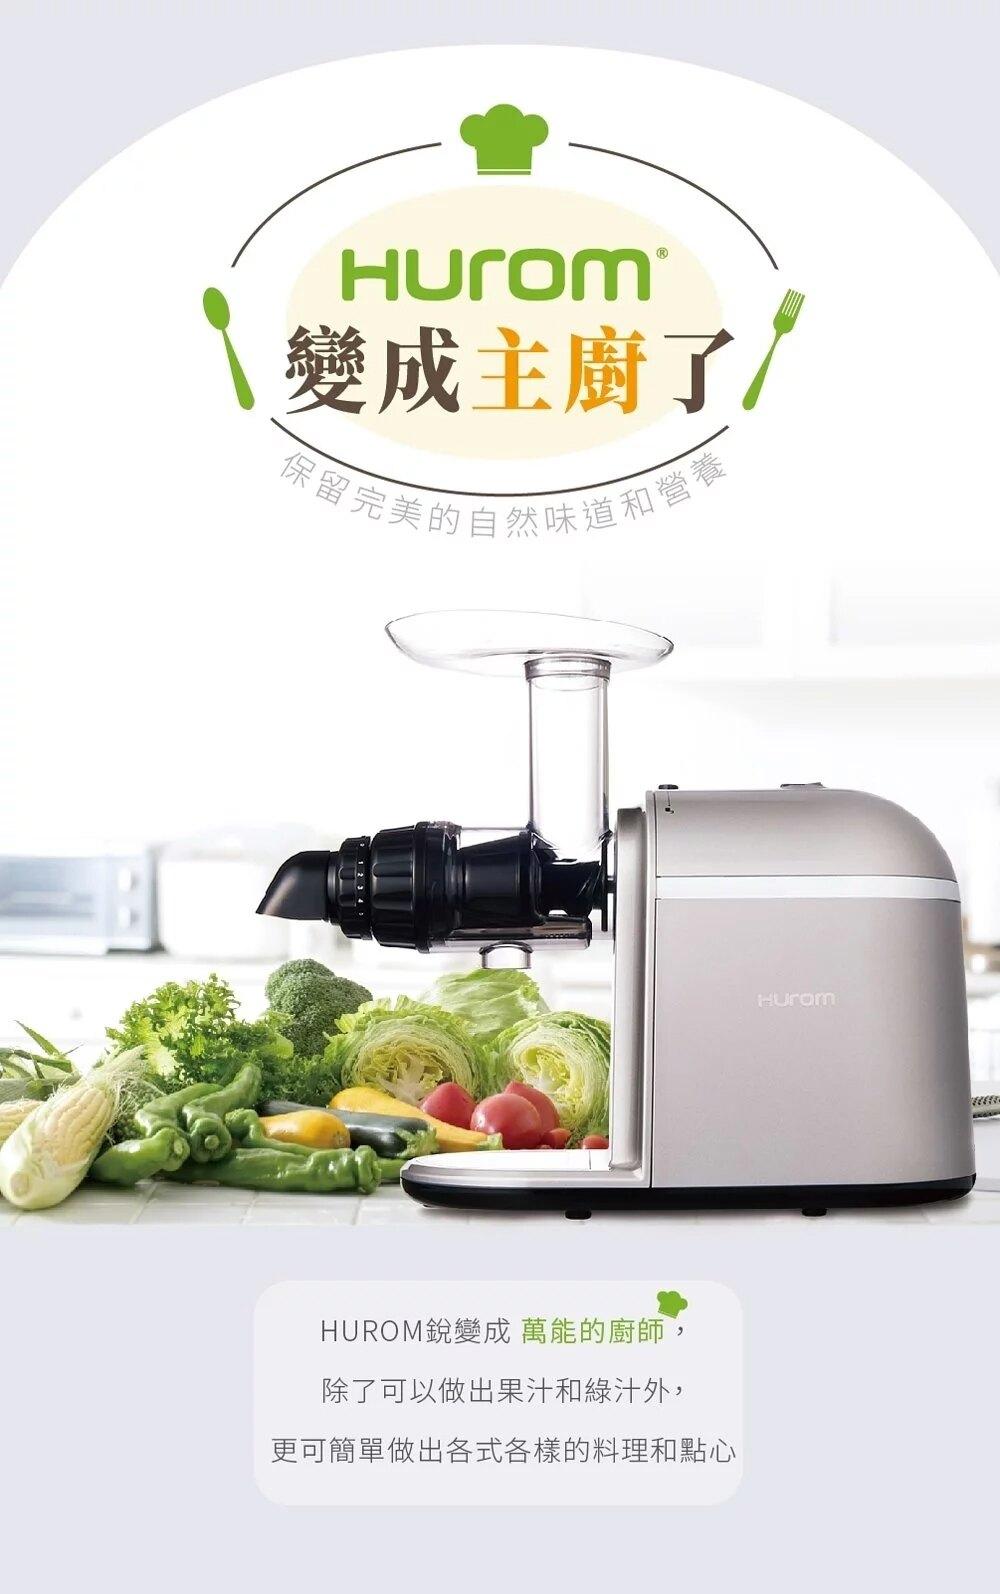 限時加送鑽石機【HUROM】HB-807 慢磨料理機 果汁機 榨汁機 研磨機 咖啡機 調理機 慢磨機 麵條機 韓國原裝進口